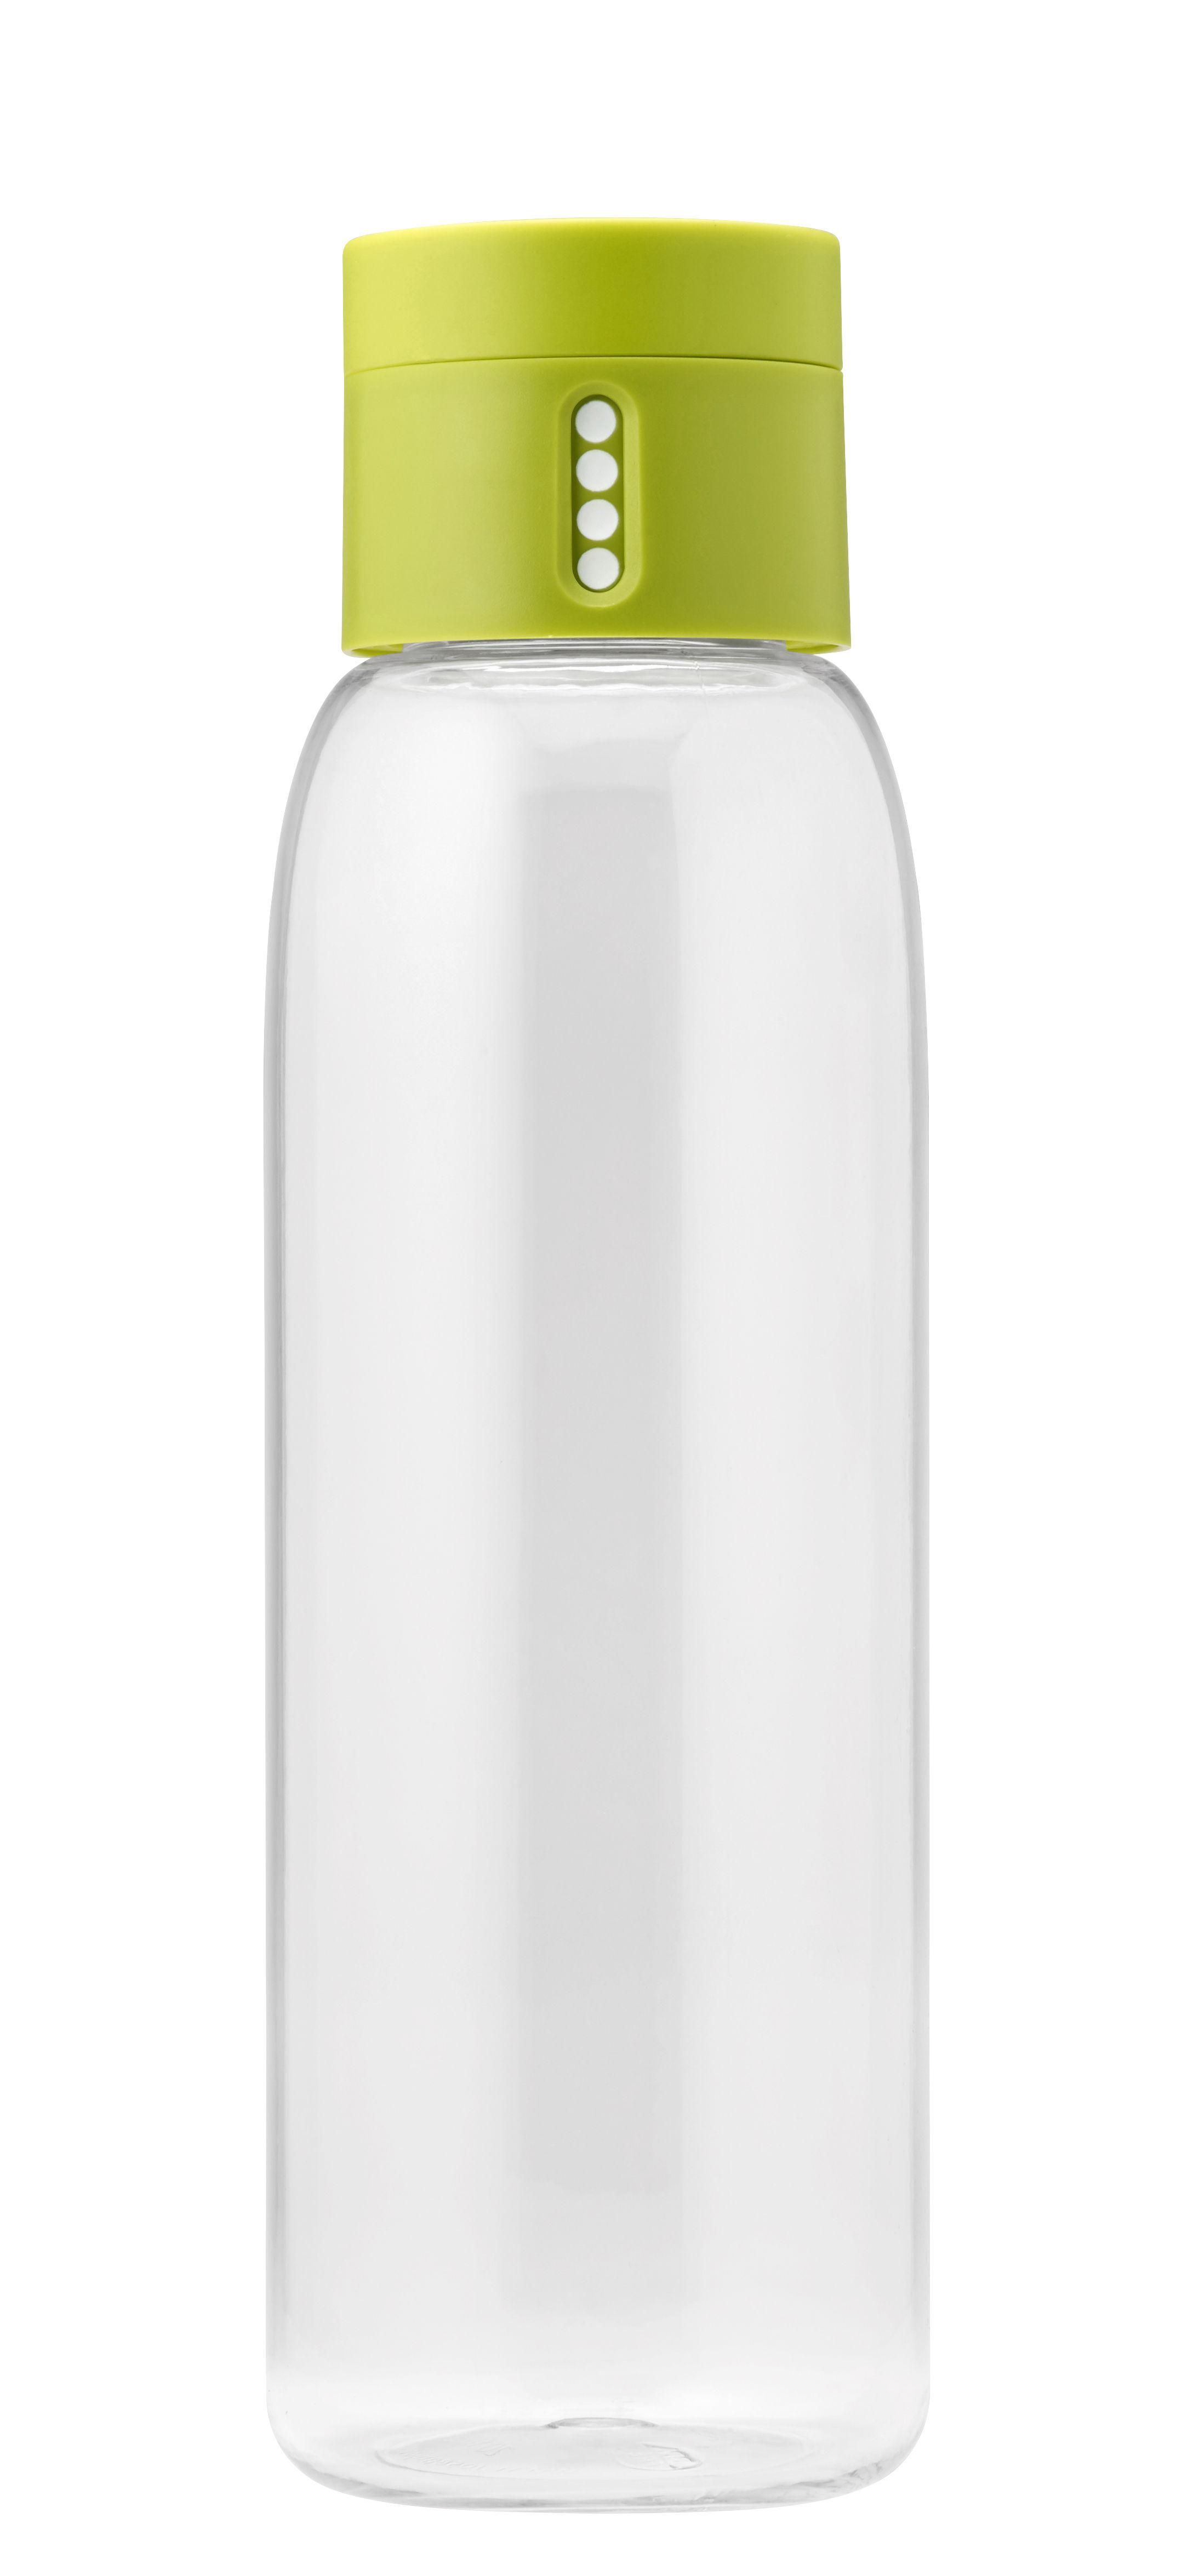 Arts de la table - Carafes et décanteurs - Gourde Dot / Bouchon intelligent - 600 ml - Joseph Joseph - Vert - Plastique écologique